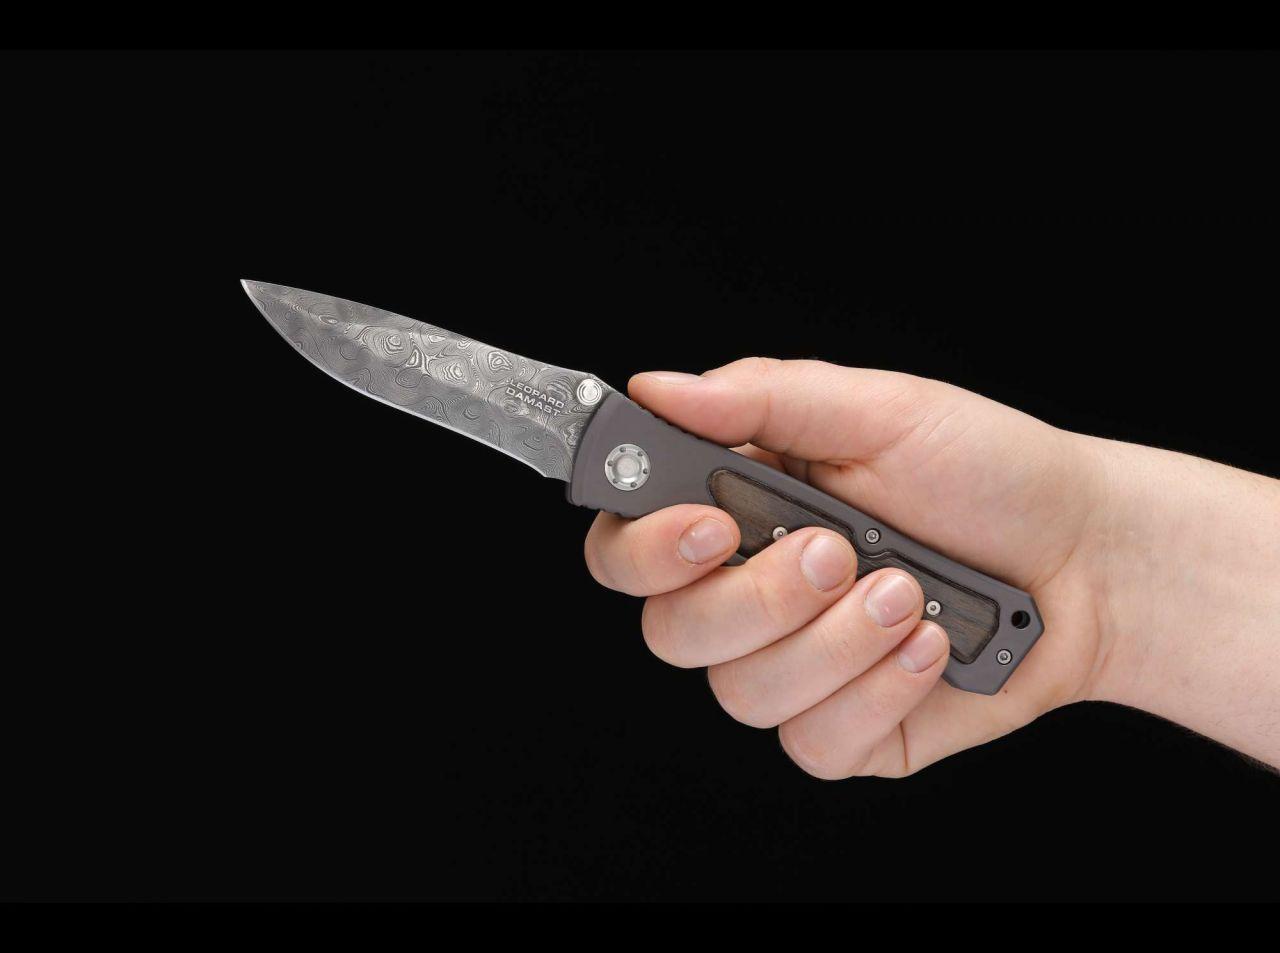 Фото 13 - Нож складной Leopard Damascus II - Boker 111054DAM, дамасская сталь Plain, рукоять анодированный алюминий/дерево, коричневый